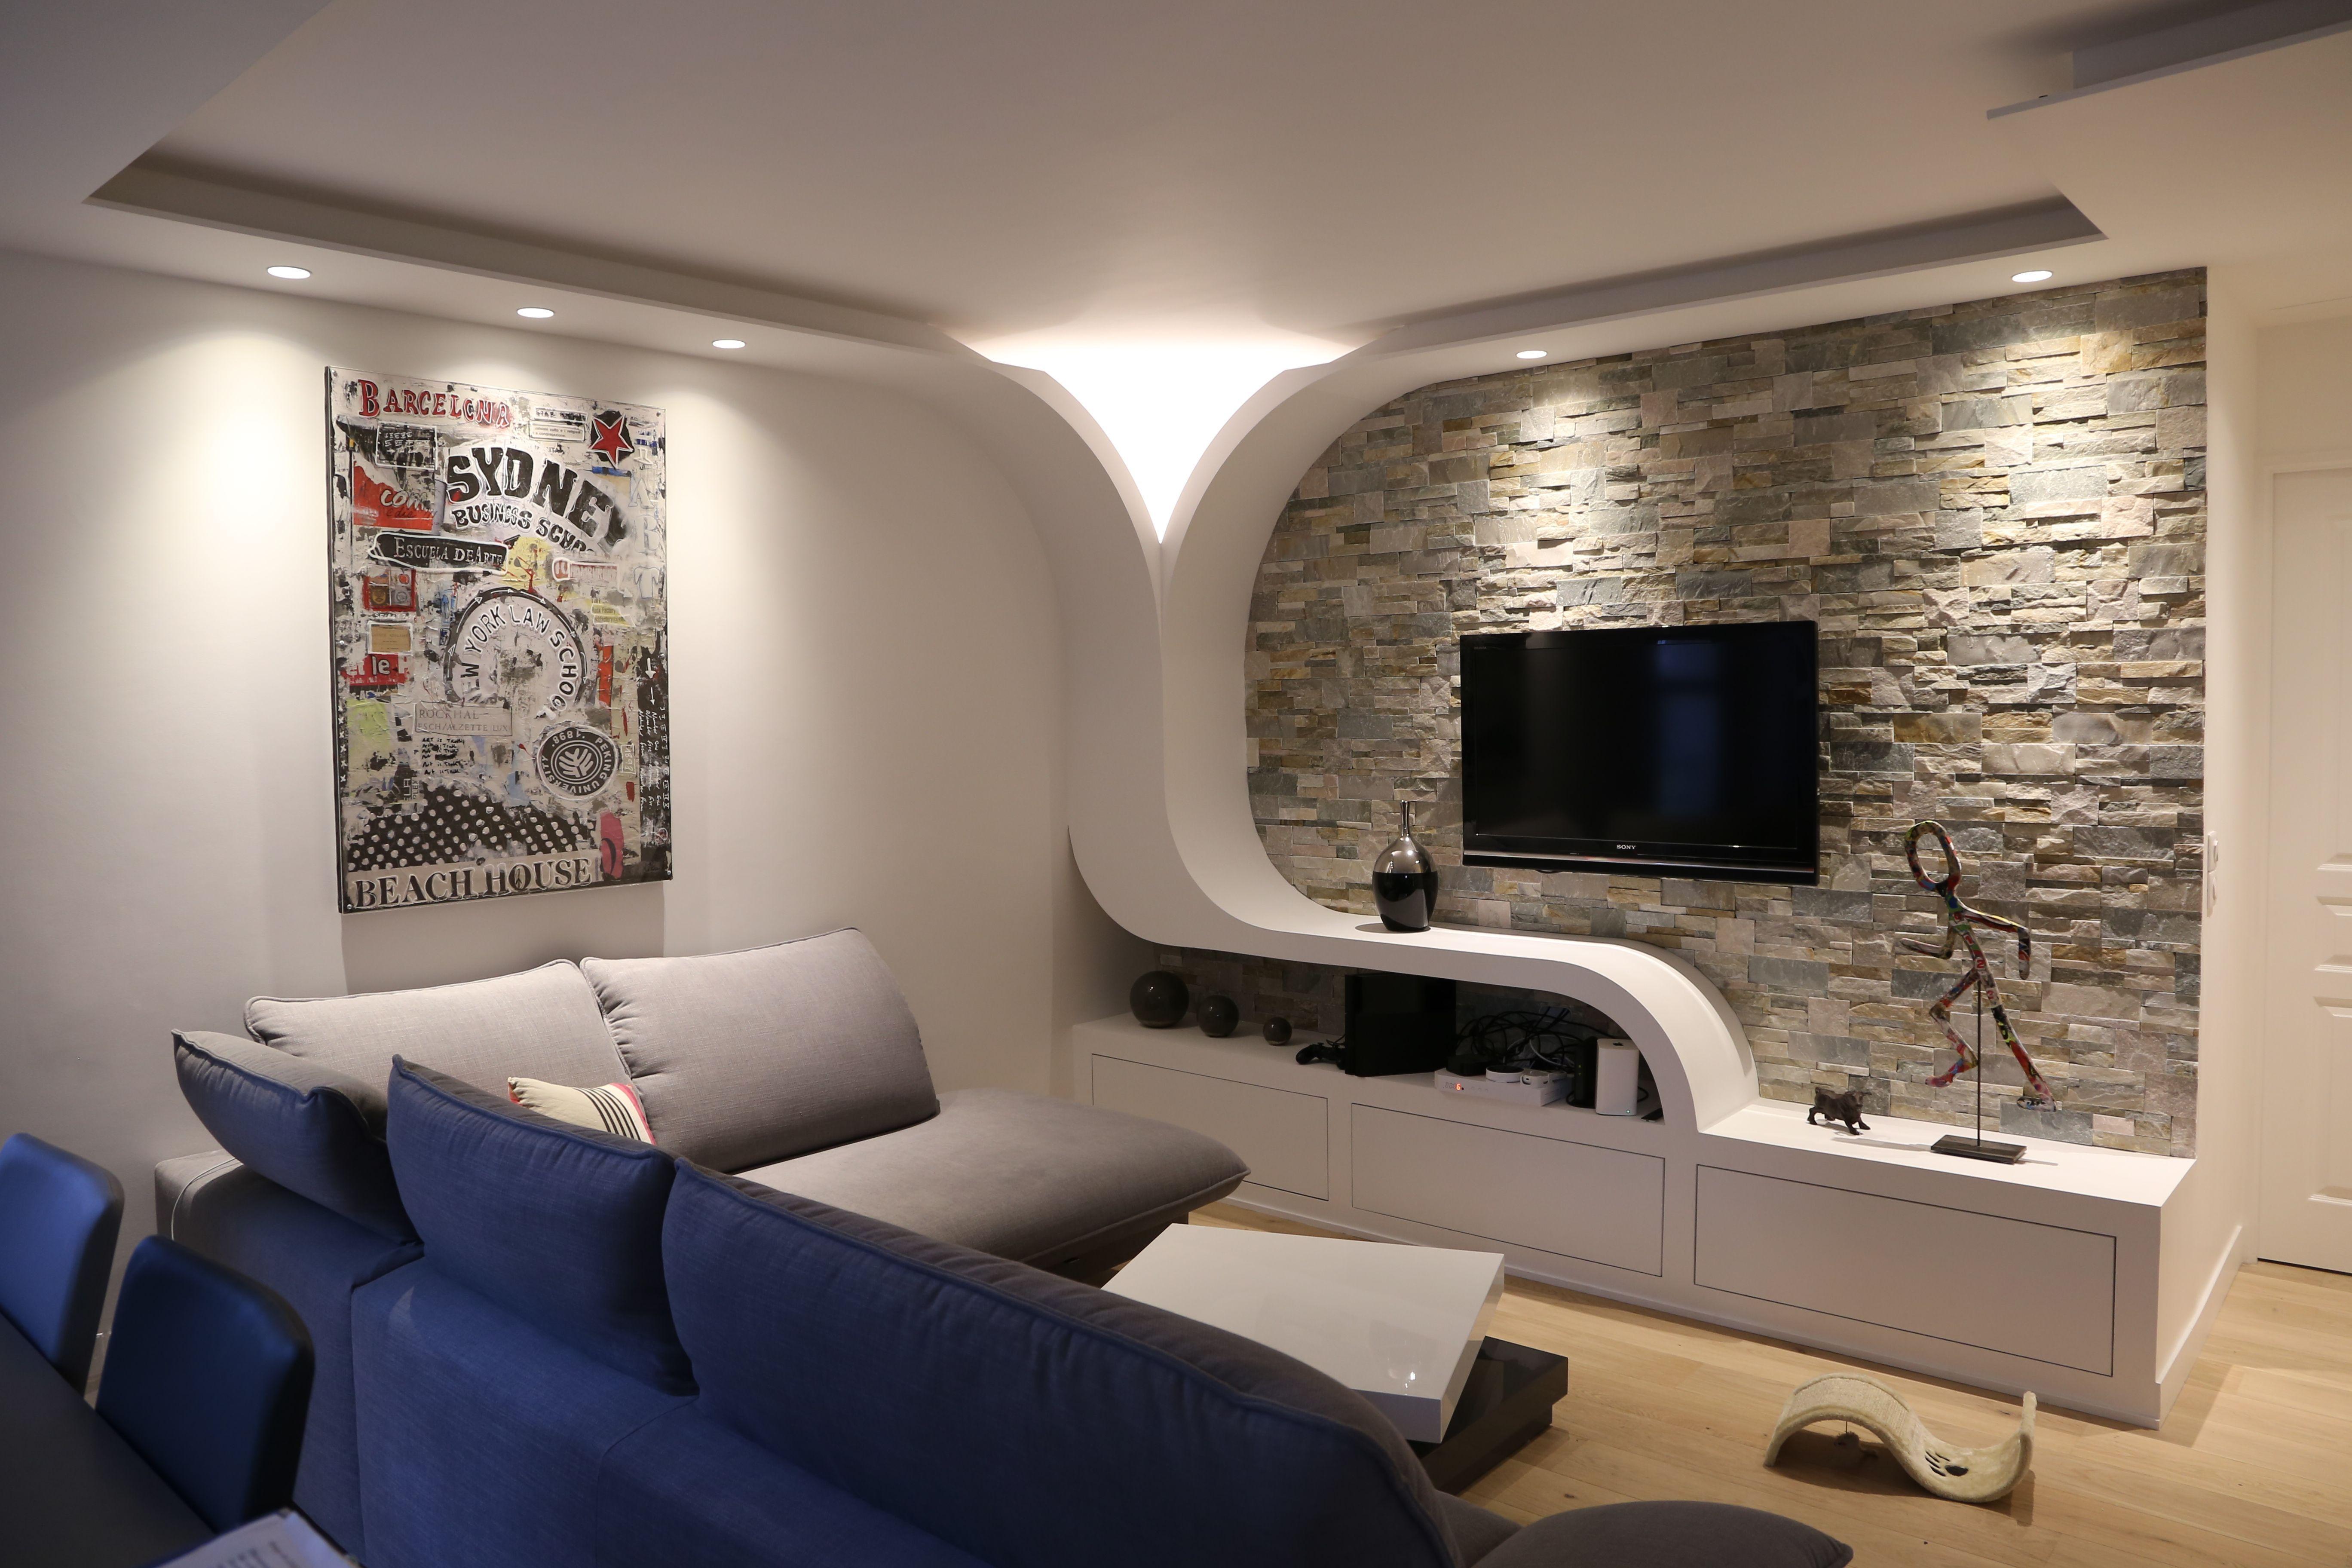 Cr Ation D 39 Un Meuble Tv En Placo Home Decor Pinterest Meuble Tv